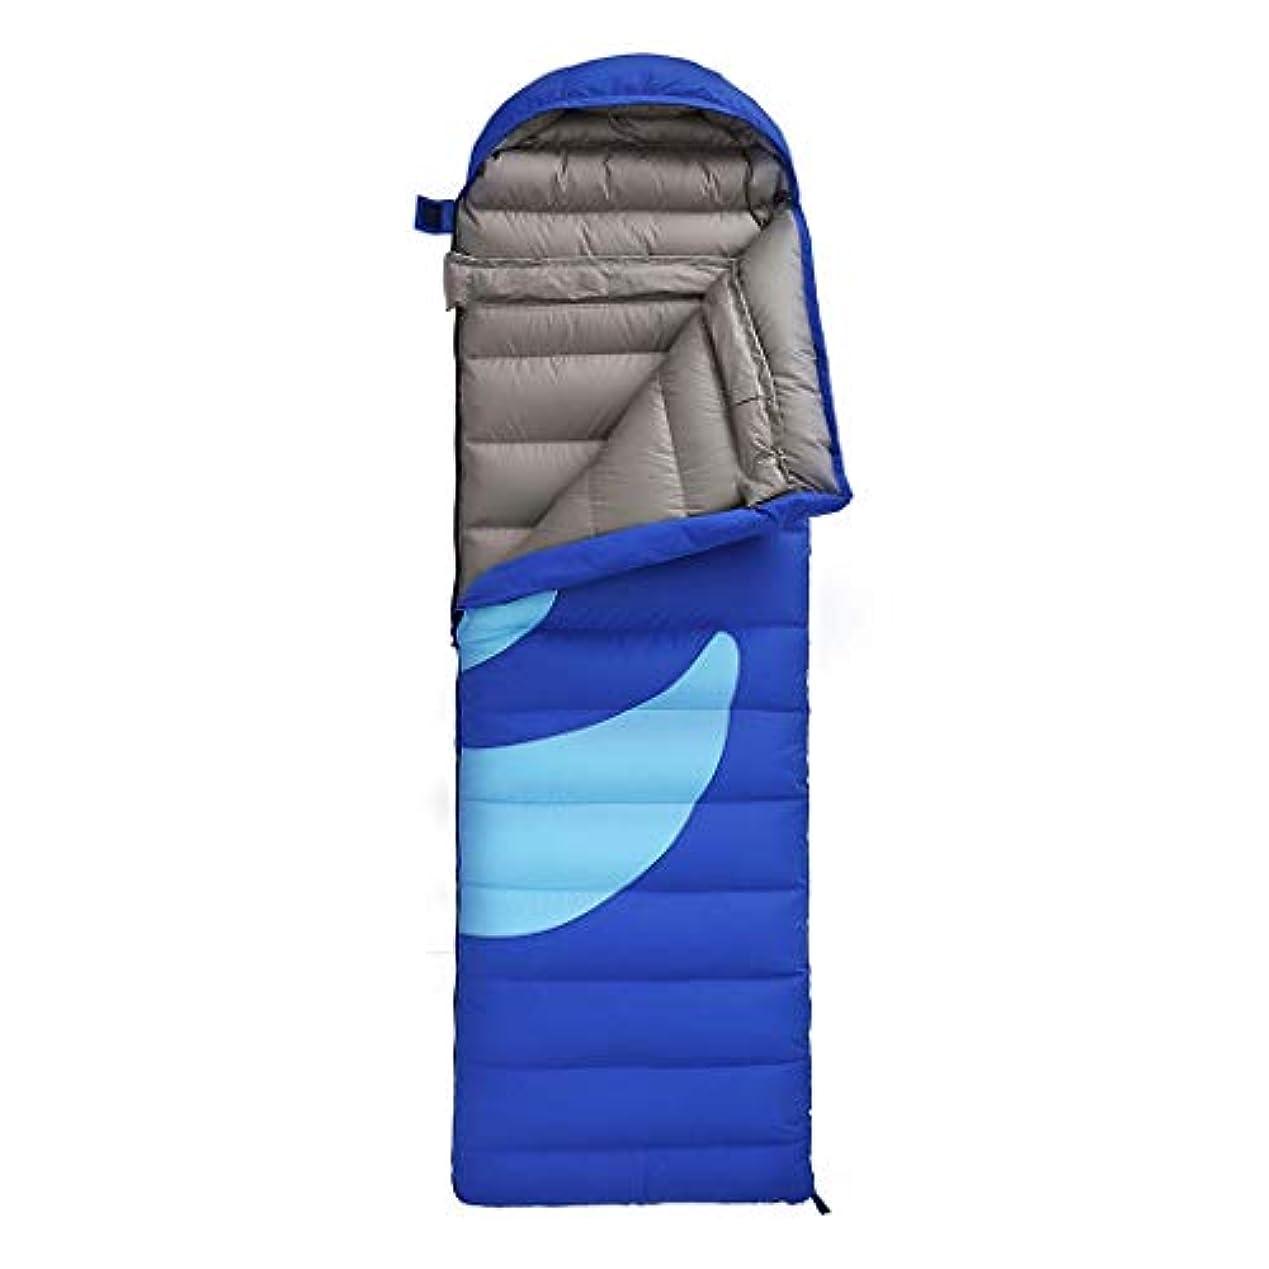 ロバ所有者怒るキャンピング寝袋大人用アウトドアキャンプ軽量コンパクトで耐水性キャンプハイキングバックパック野外活動